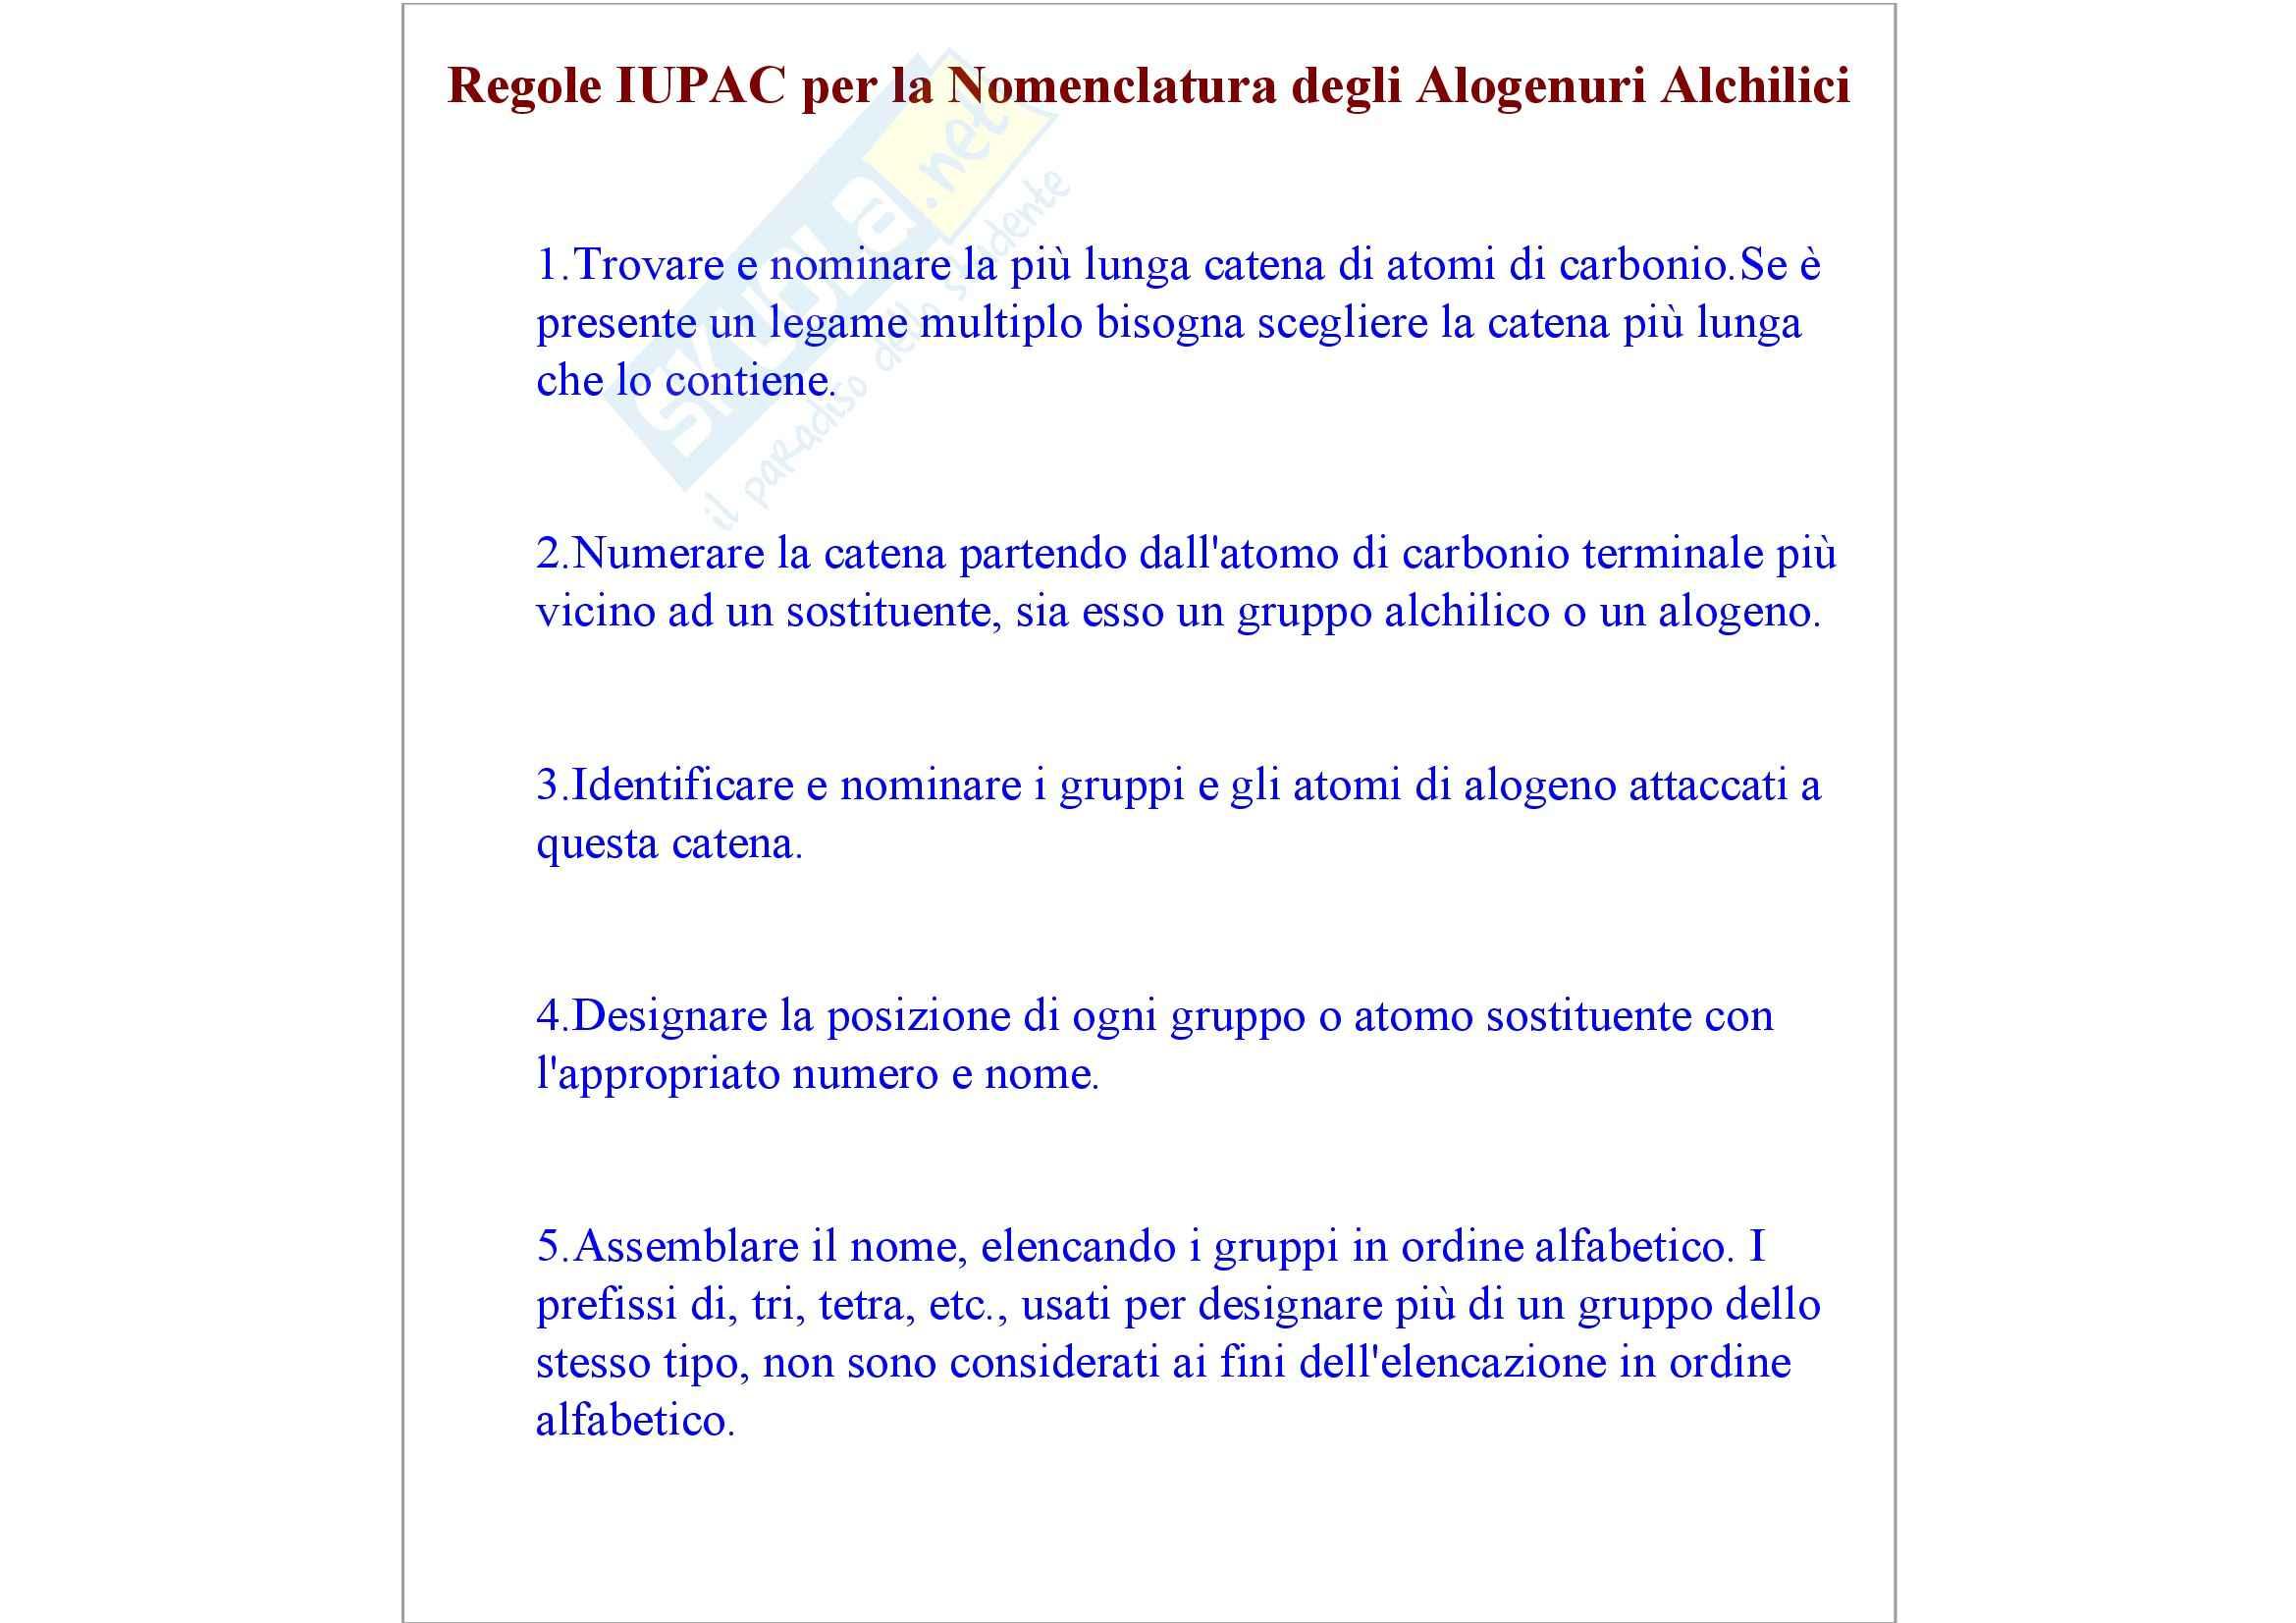 Chimica organica - gli alogenuri alchilici Pag. 2